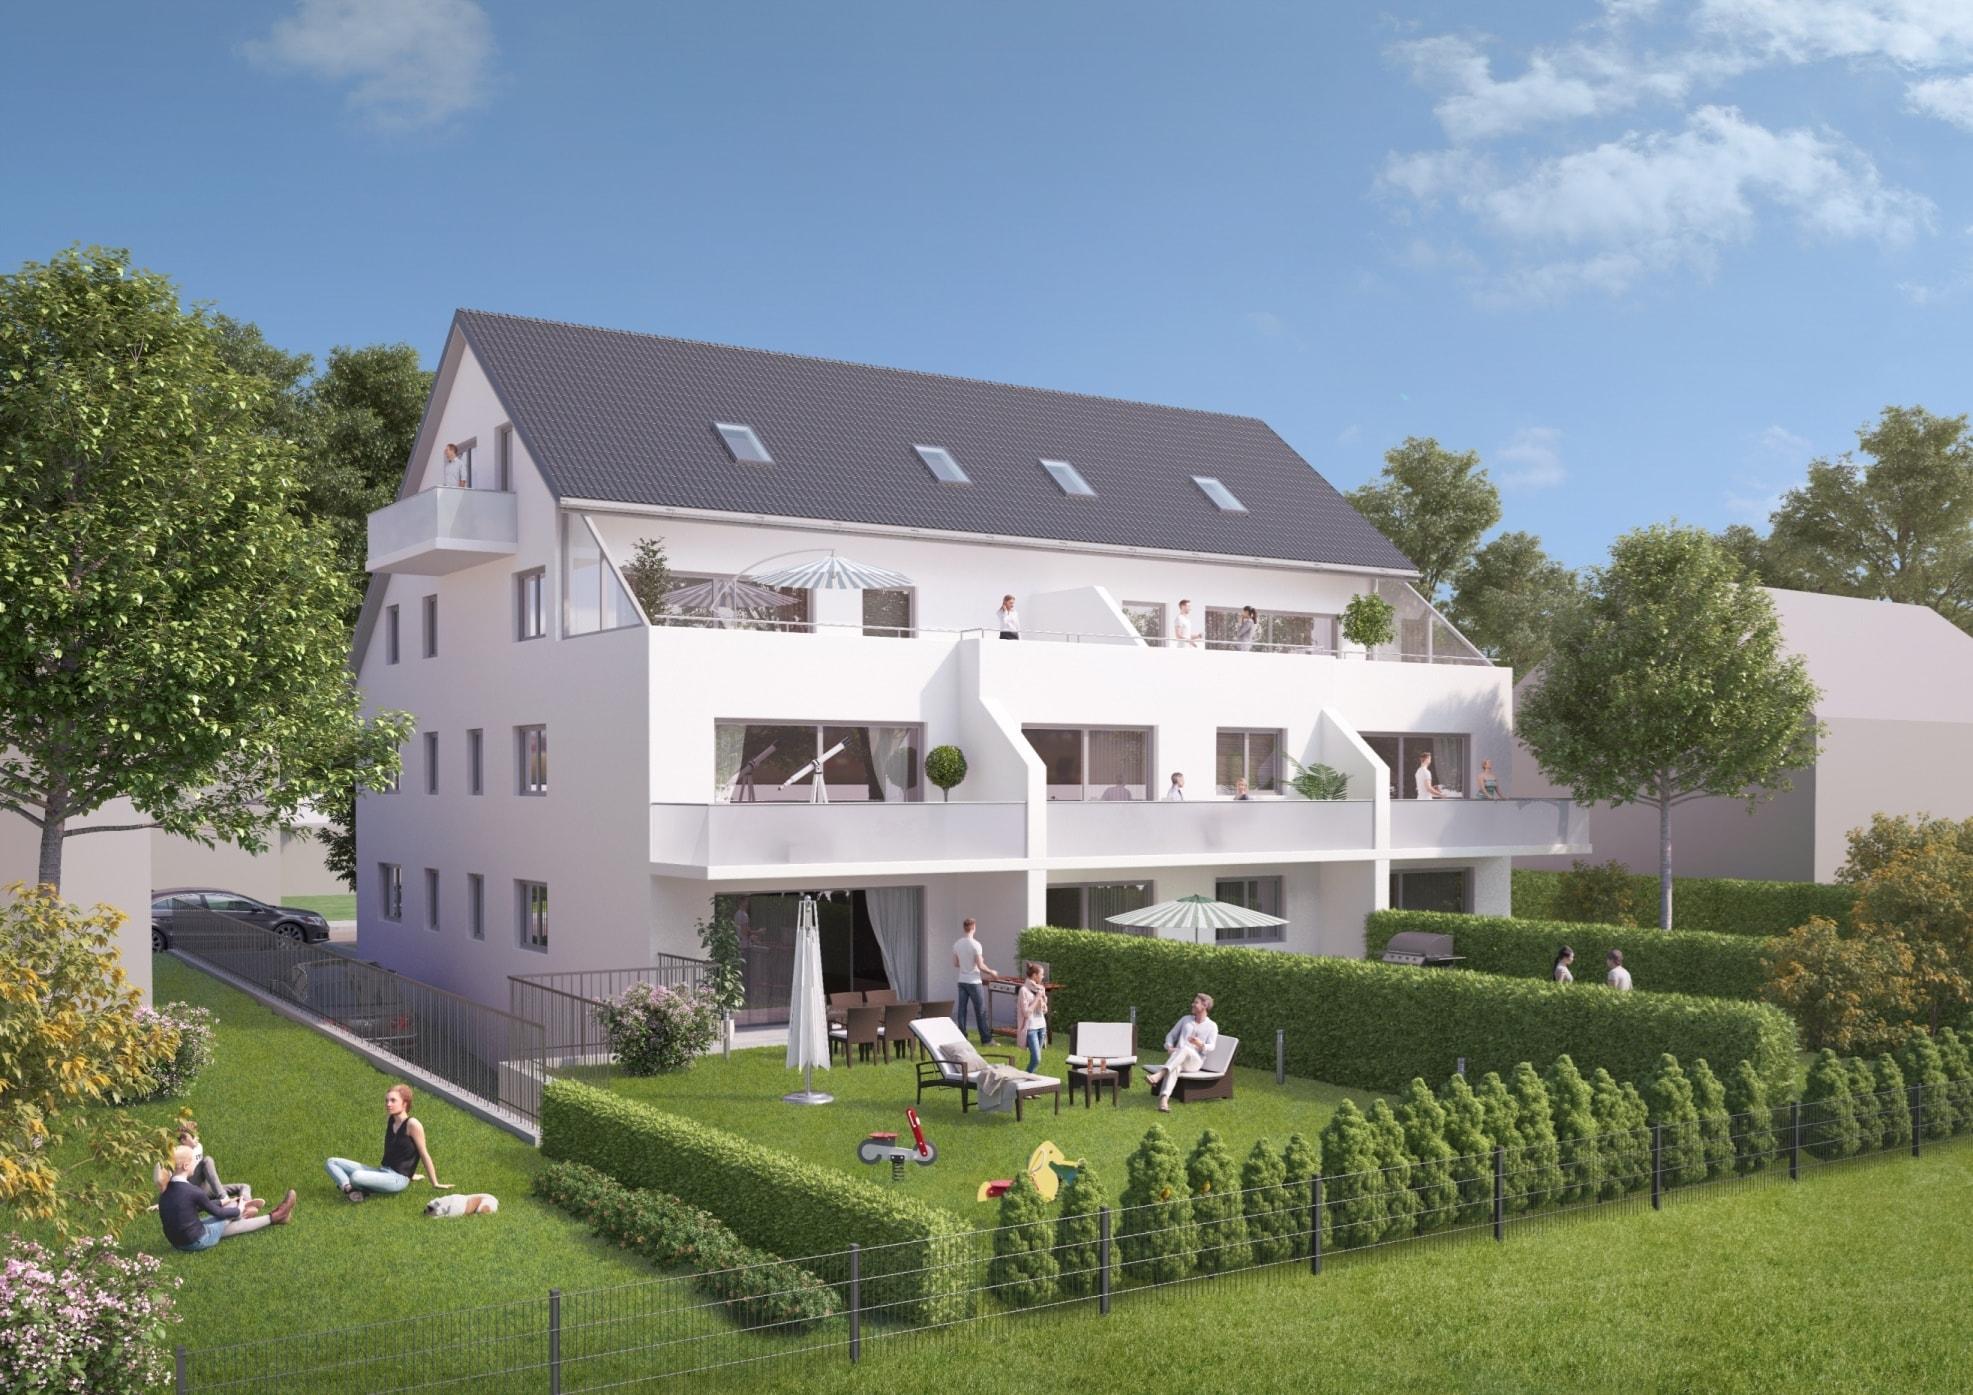 Wir gestalten Ihr Traumhaus nach Ihren Wünschen. Ihr Smart Home ...